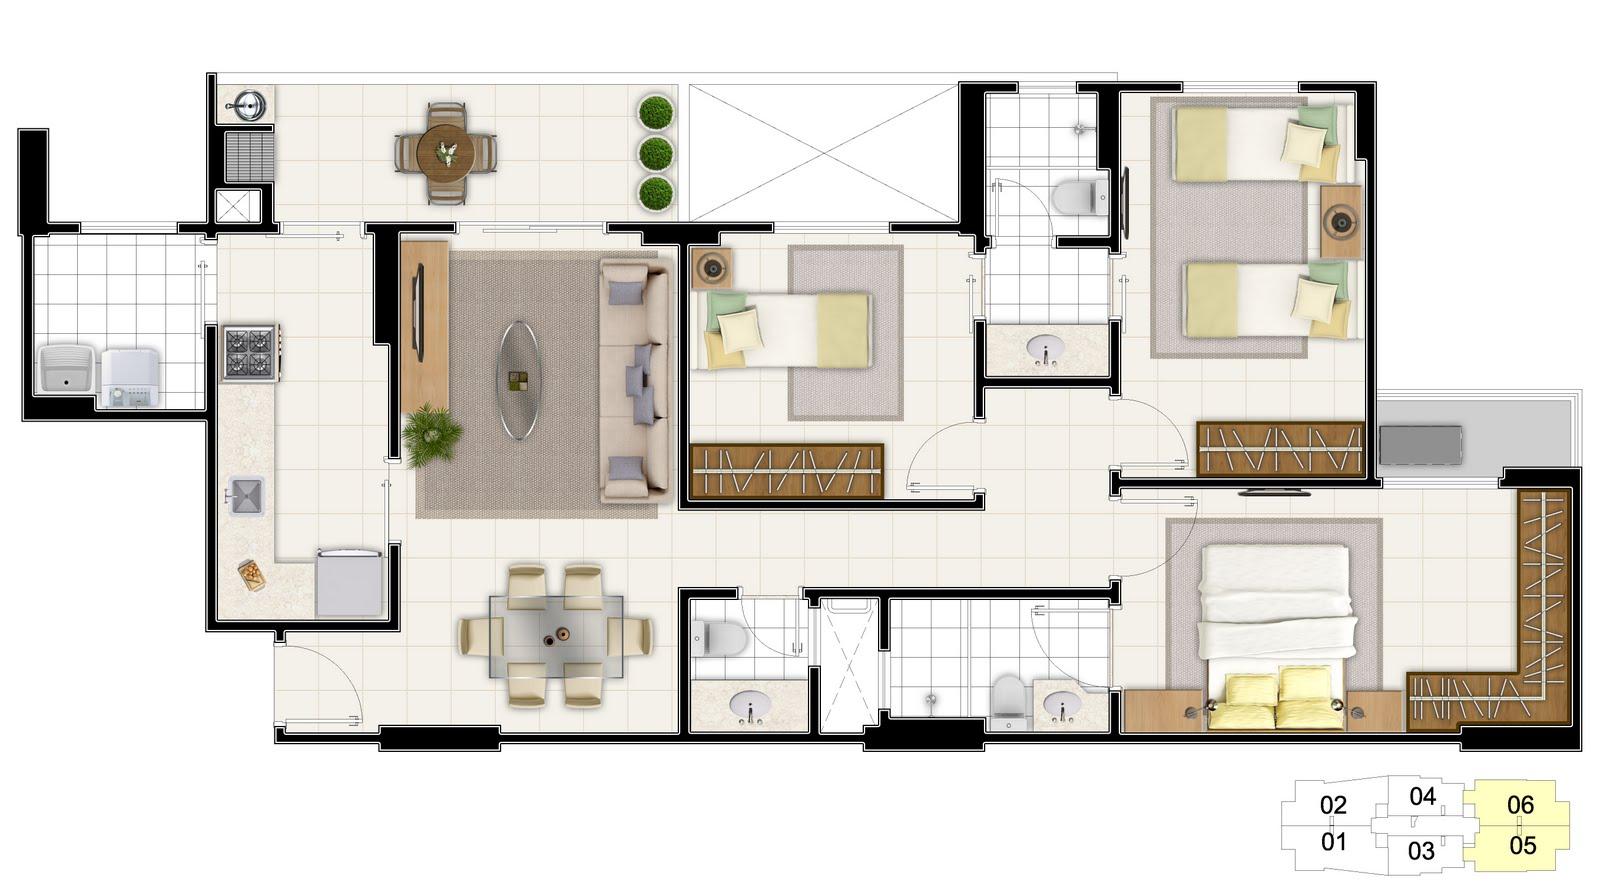 Plantas de casas 3 quartos 1 suite fotos Decorando Casas #674E2A 1600 892